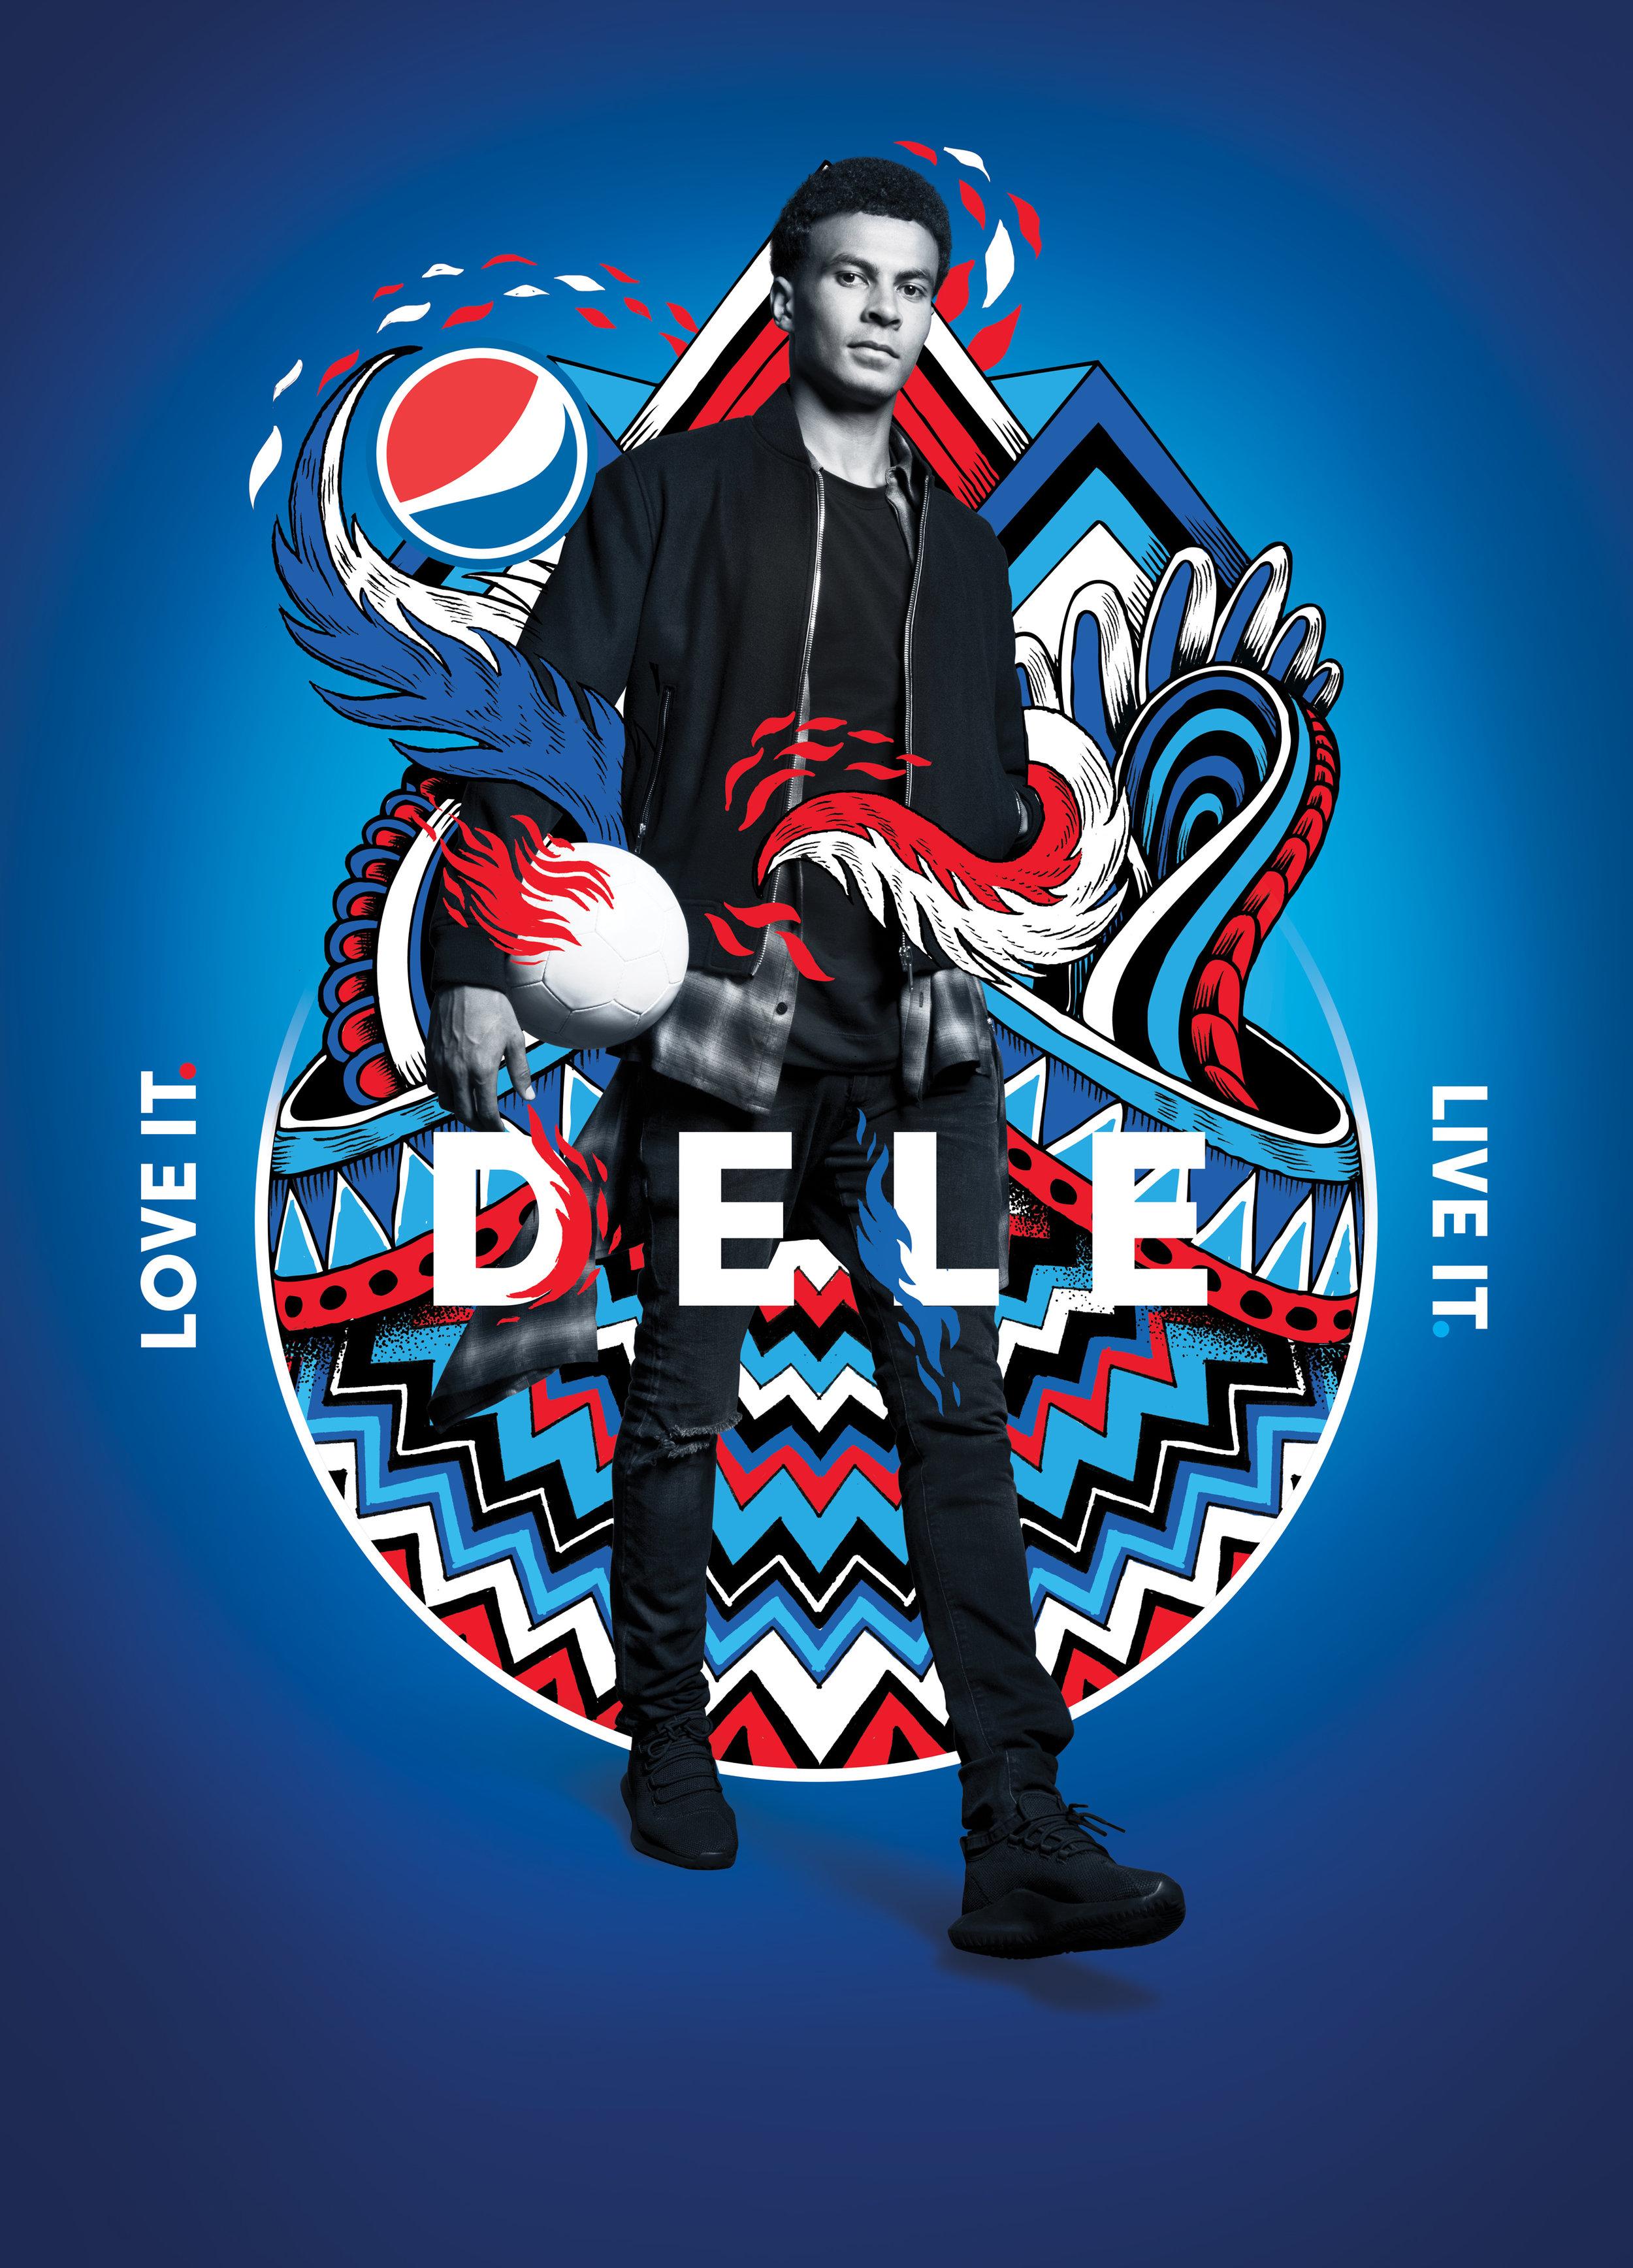 Pepsi Football 2018_Key Visual_Dele_Portrait_No Branding.jpg